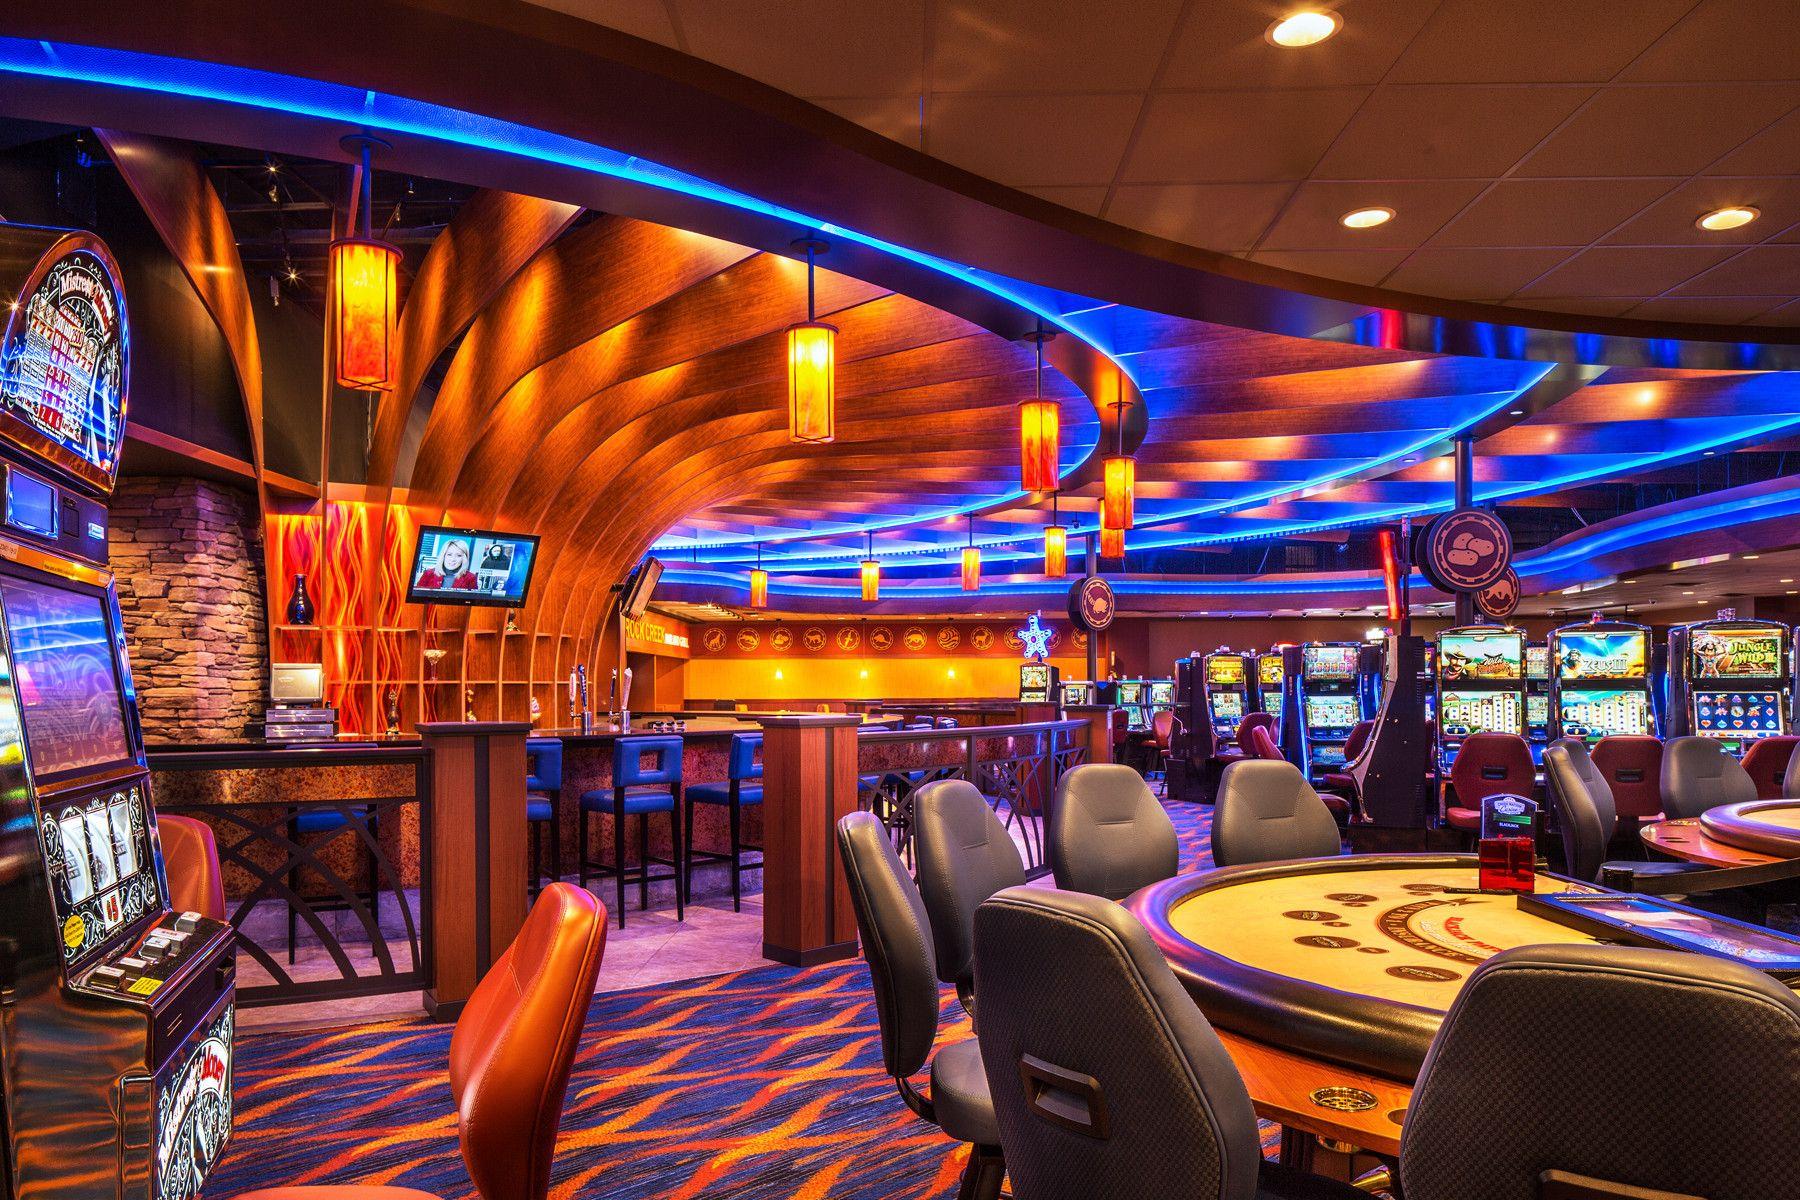 Center Bar, Casino Design Feature | Casino Design ...